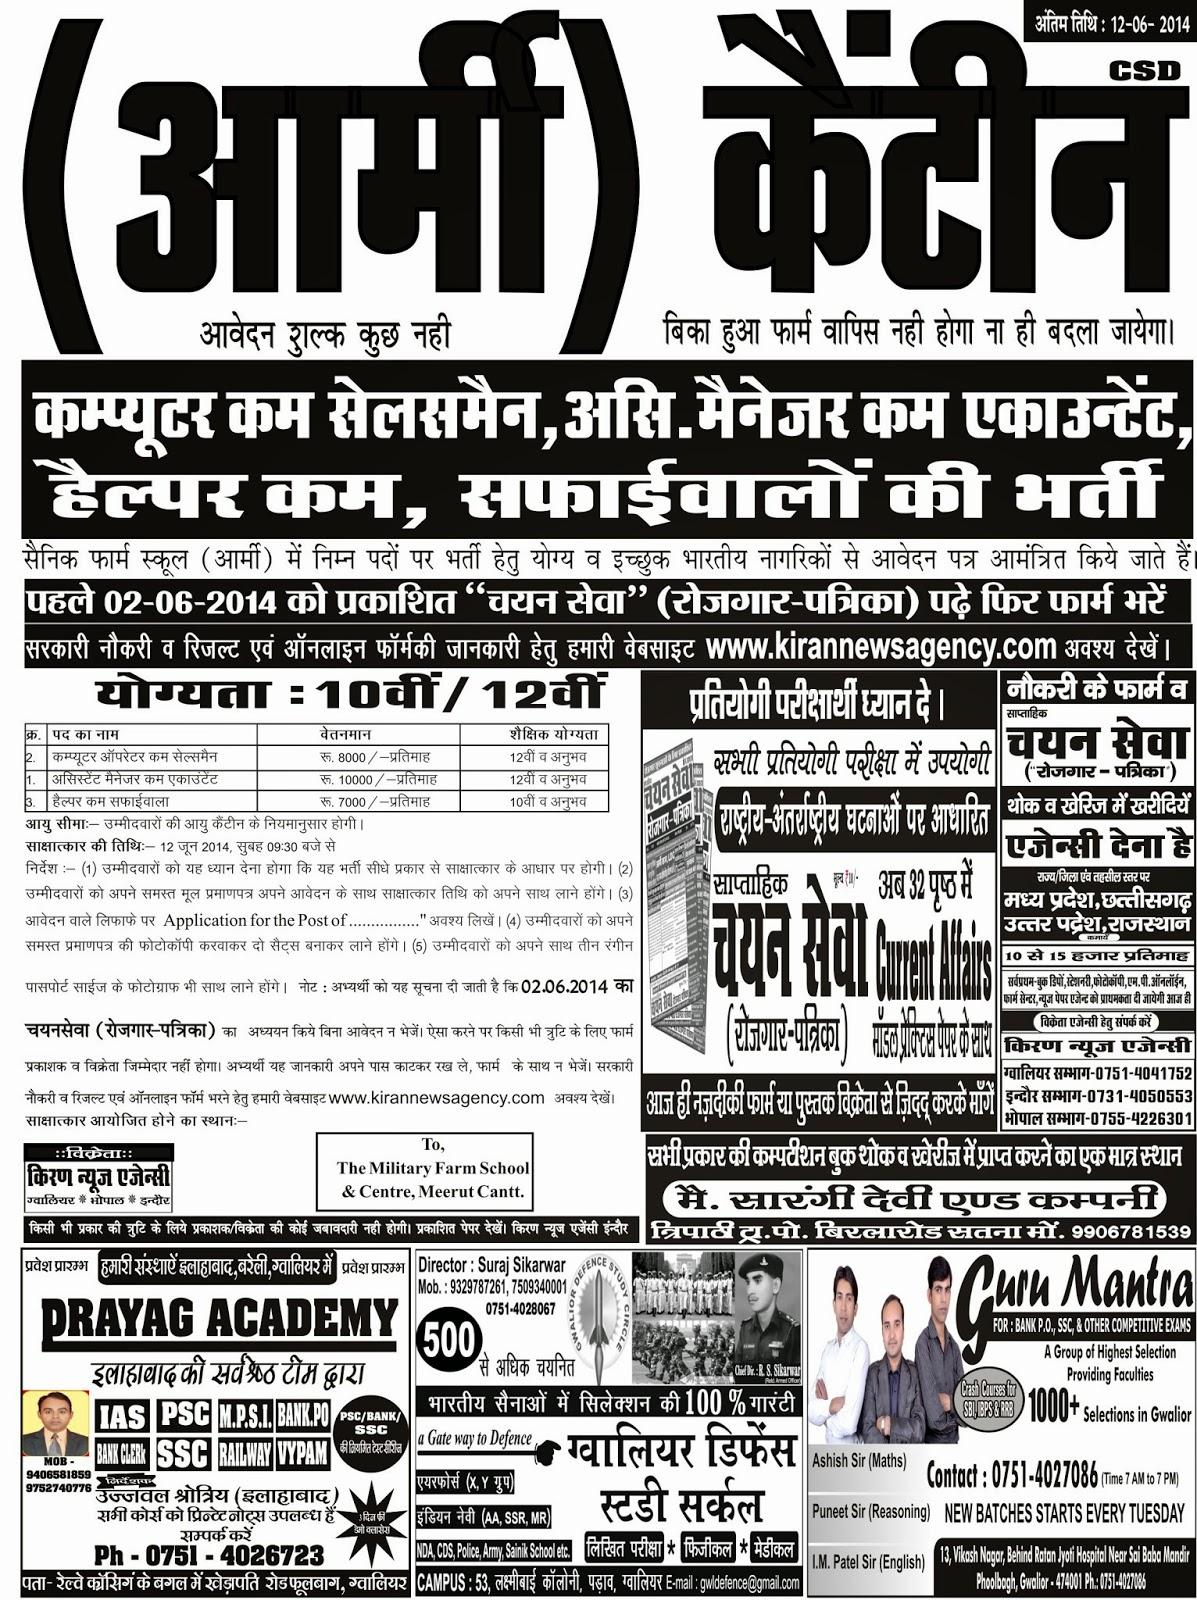 CHAYANSEWA: Army centin , Meerut Cantt Recruitment